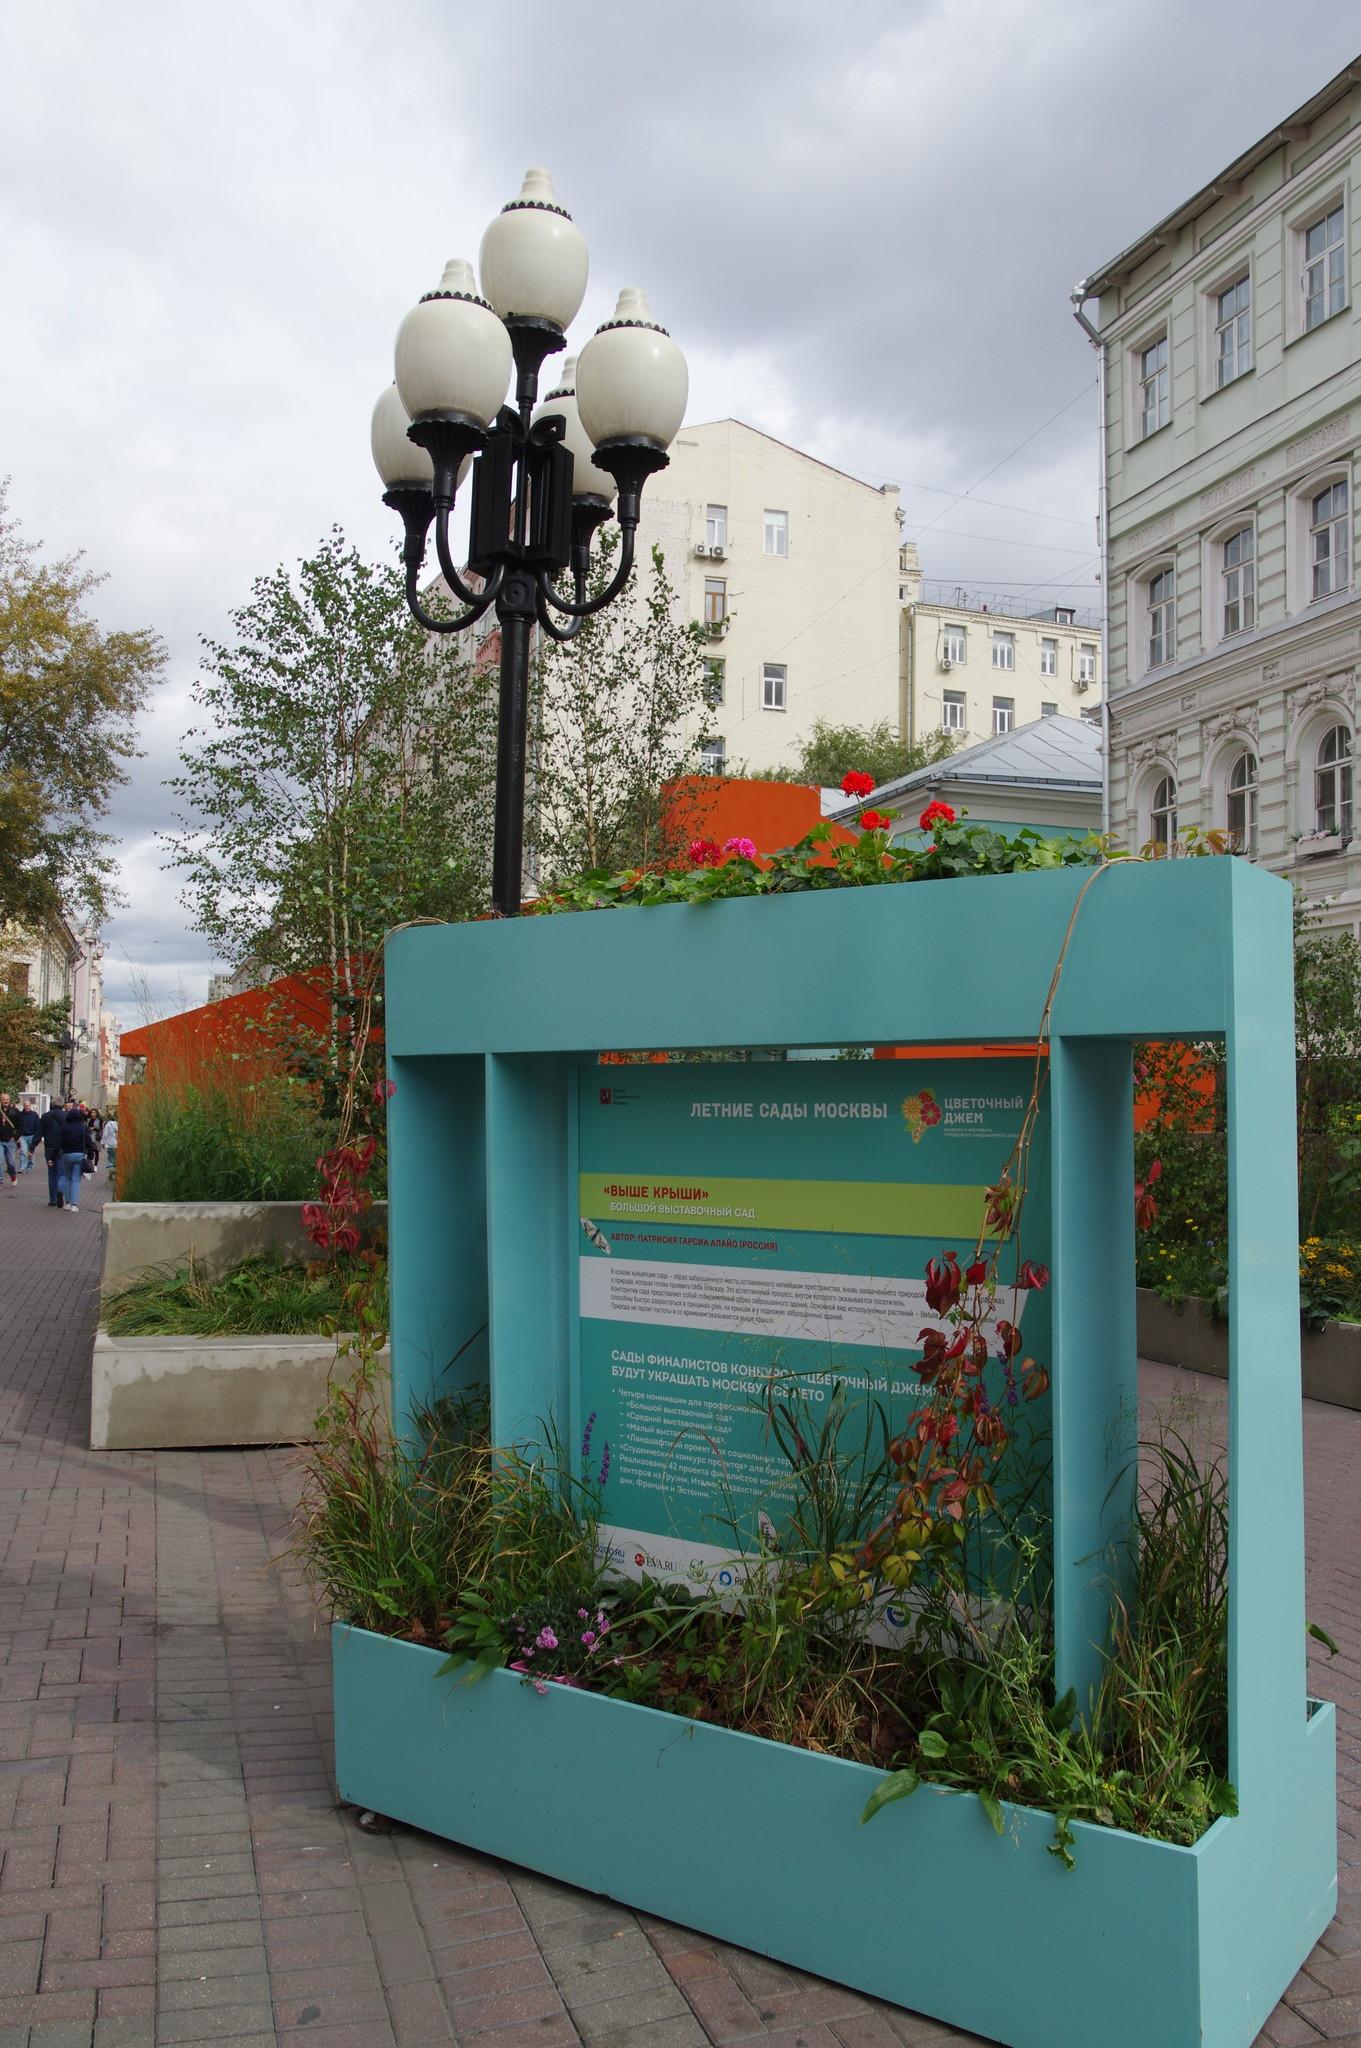 «Ваши крыши». Большой выставочный сад на Арбате. Автор: Патрисия Гарсиа Алайо (Россия)